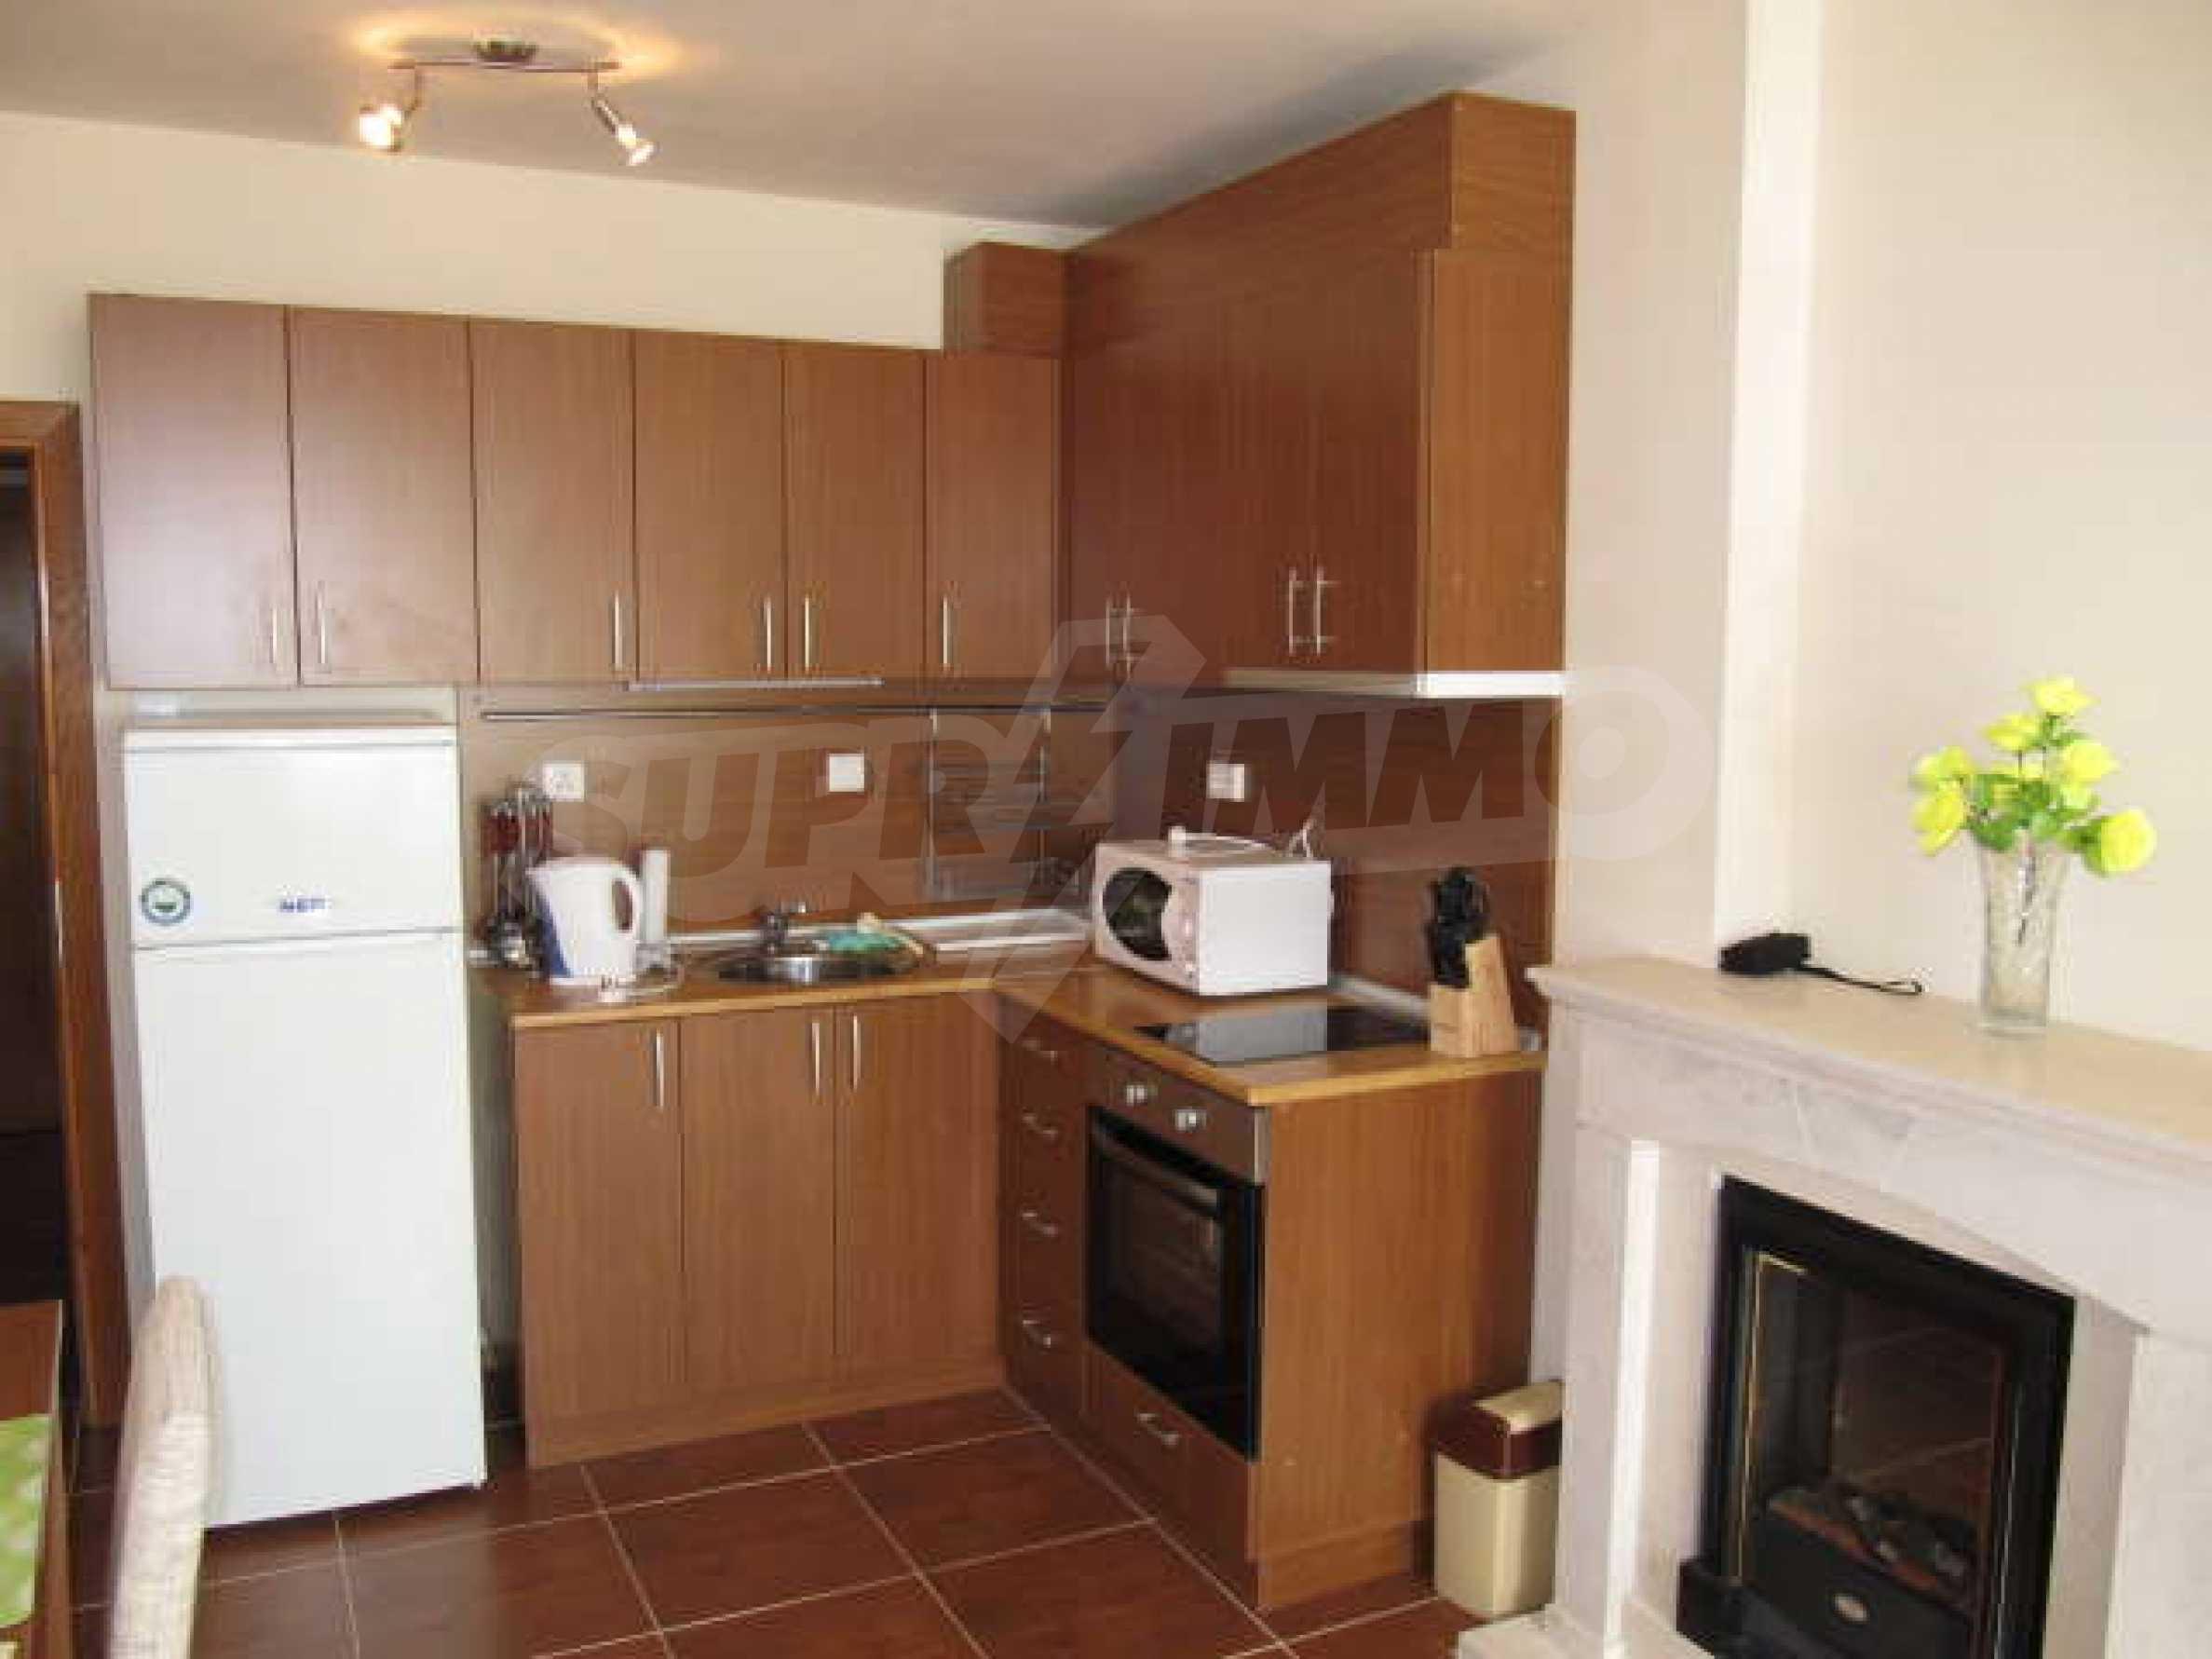 Komplett eingerichtete und ausgestattete Wohnung im Lucky-Komplex in Pamporovo 3